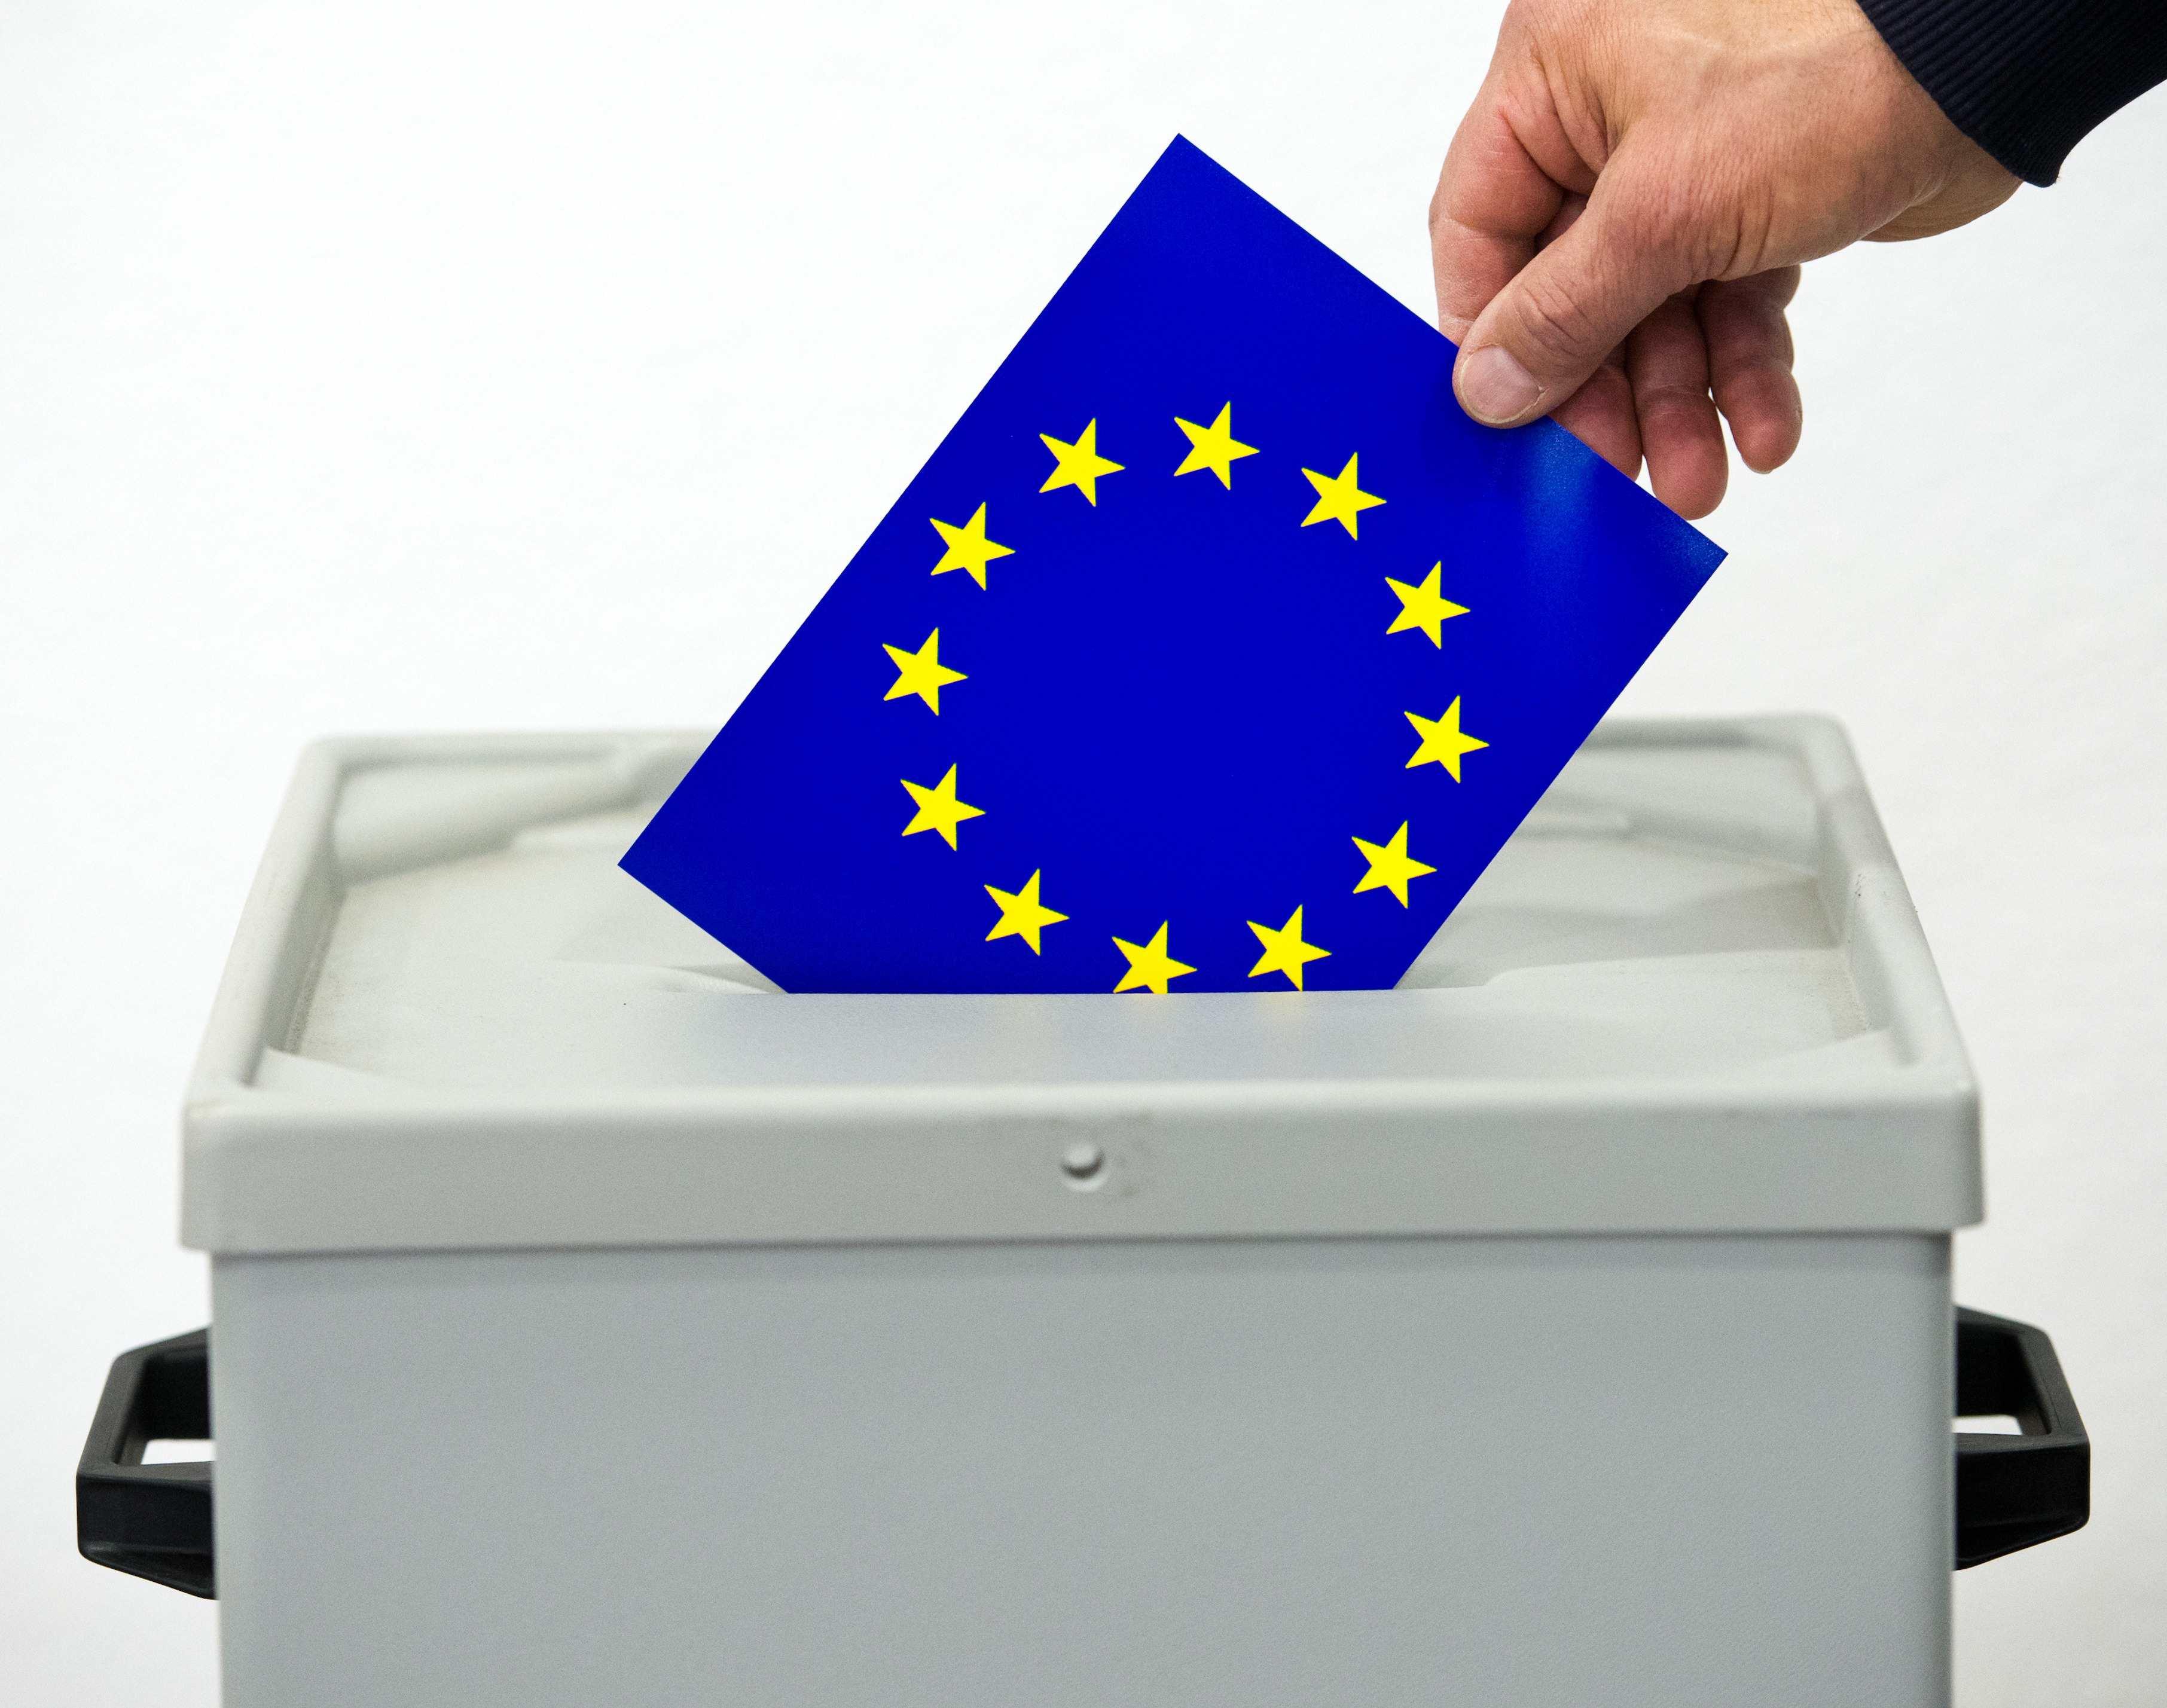 Europee 2014 ecco i programmi dei partiti politici europei for Votazioni parlamento